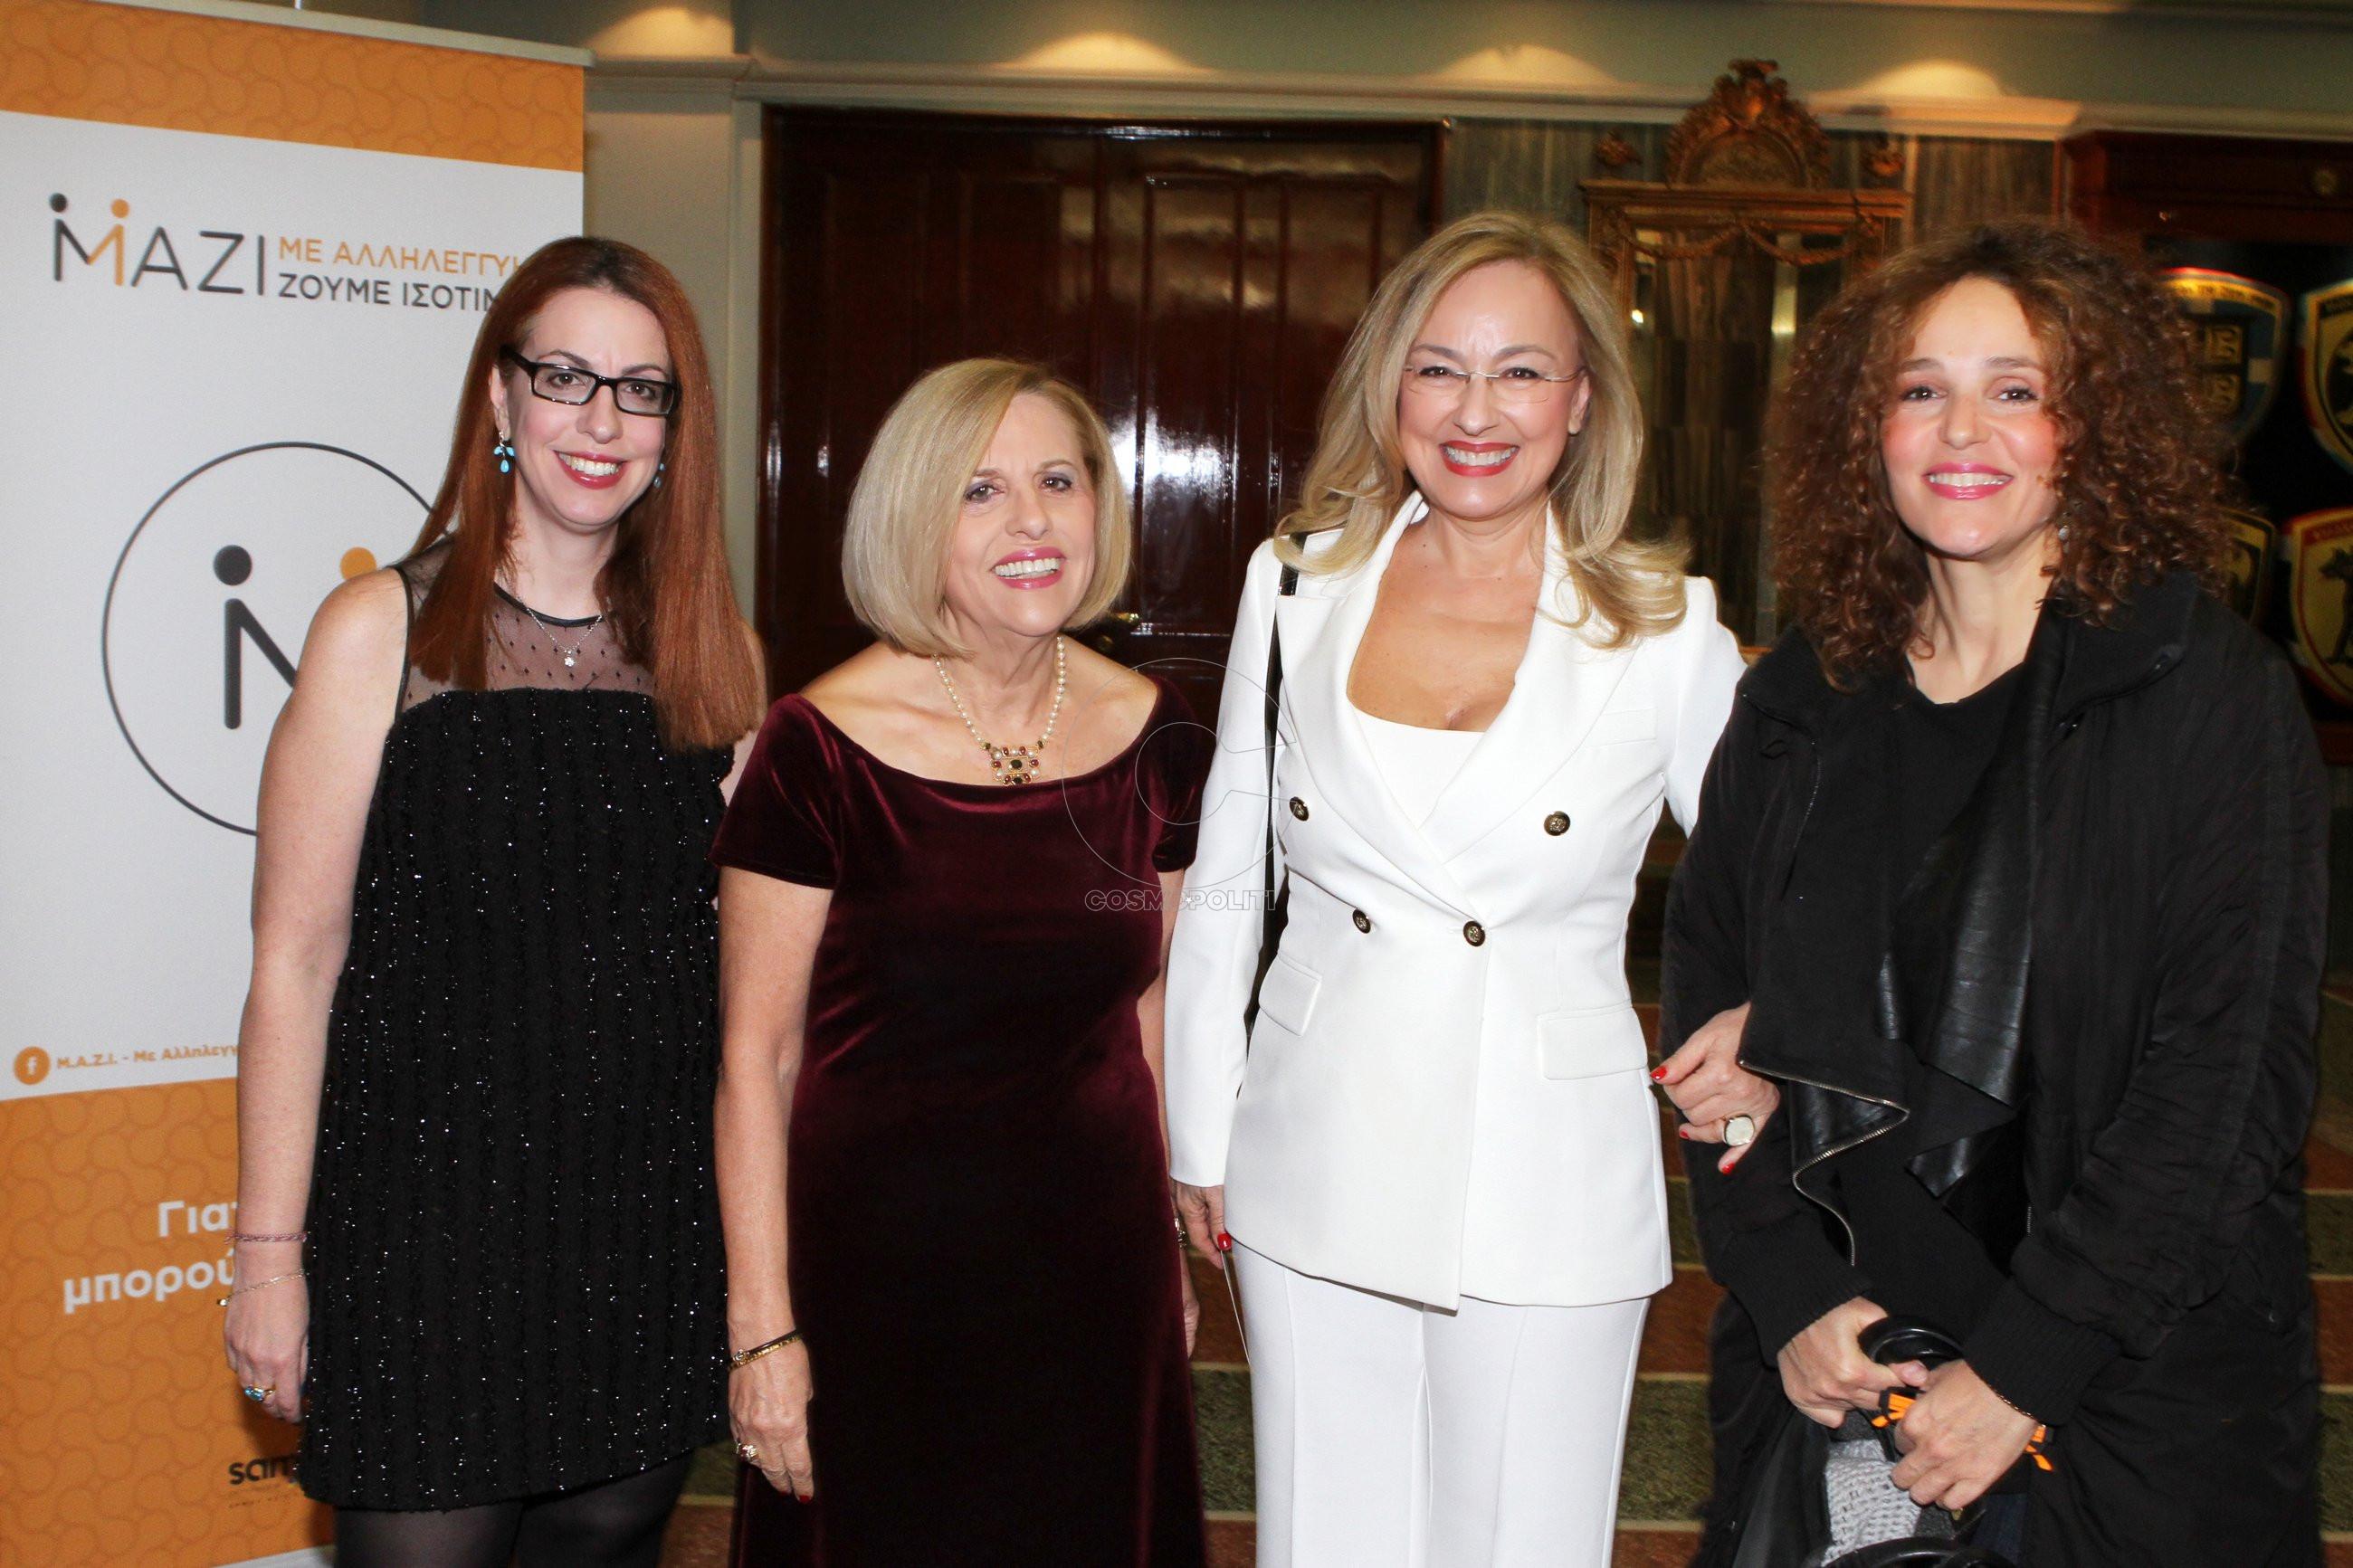 Ελγκα και Λόλα Νταϊφά, Αλεξάνδρα Γωγούση, Εύη Σιαμαντά